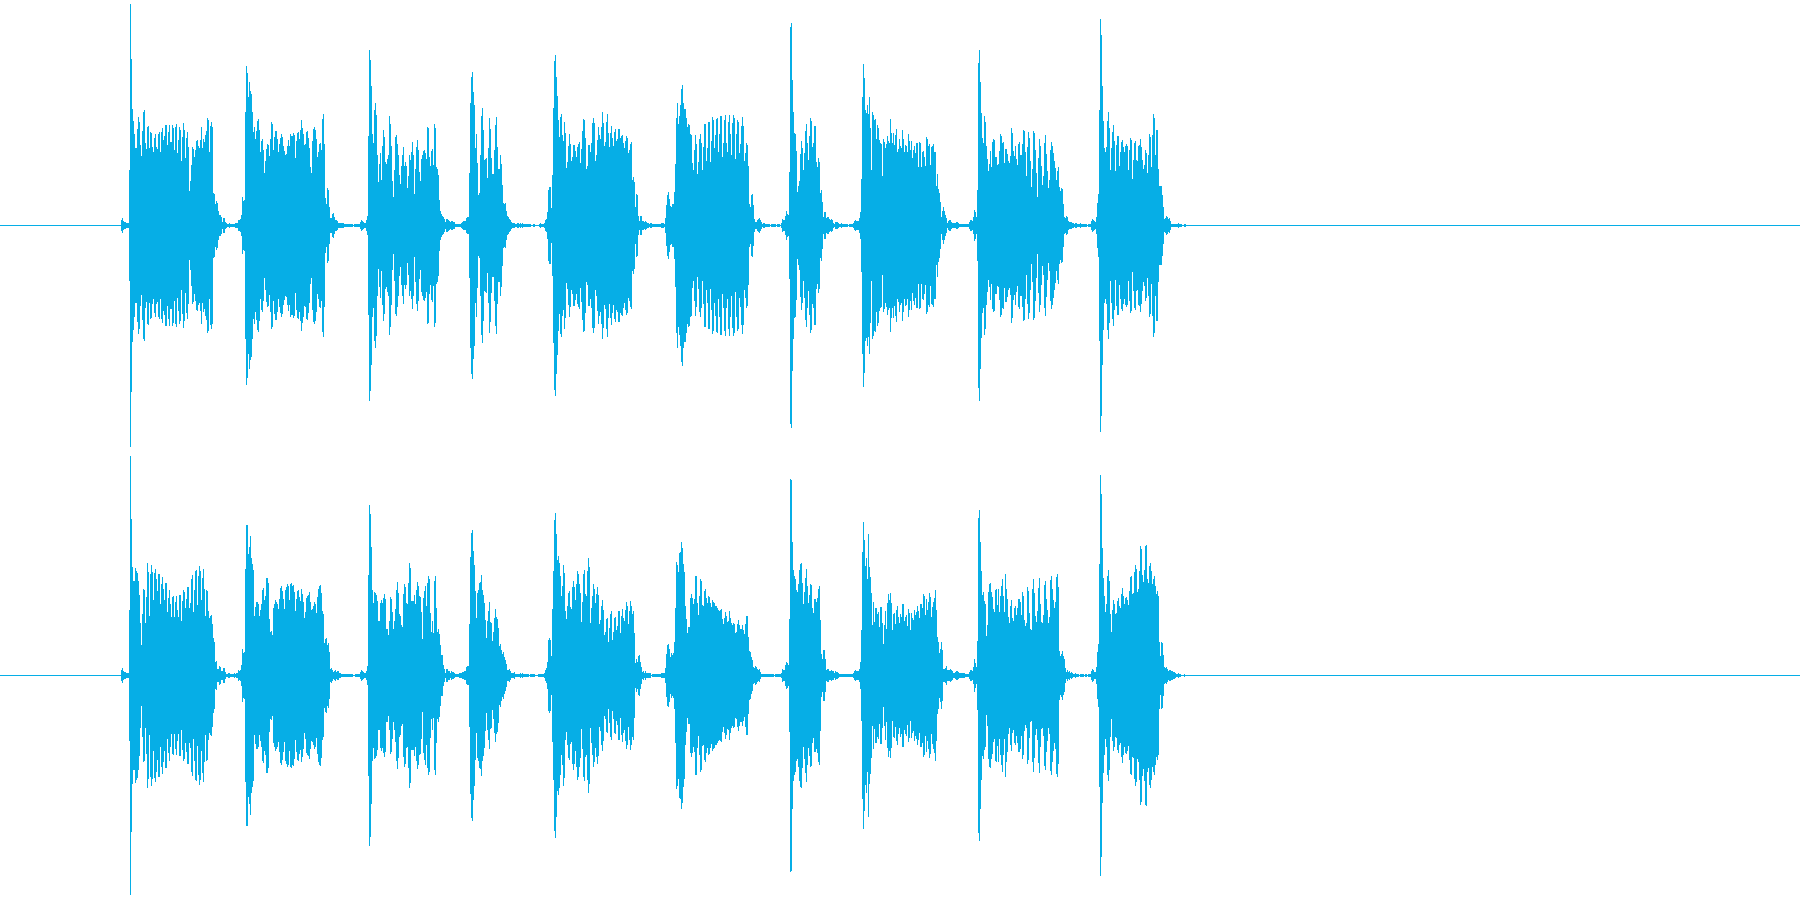 サンバホイッスルの音の再生済みの波形